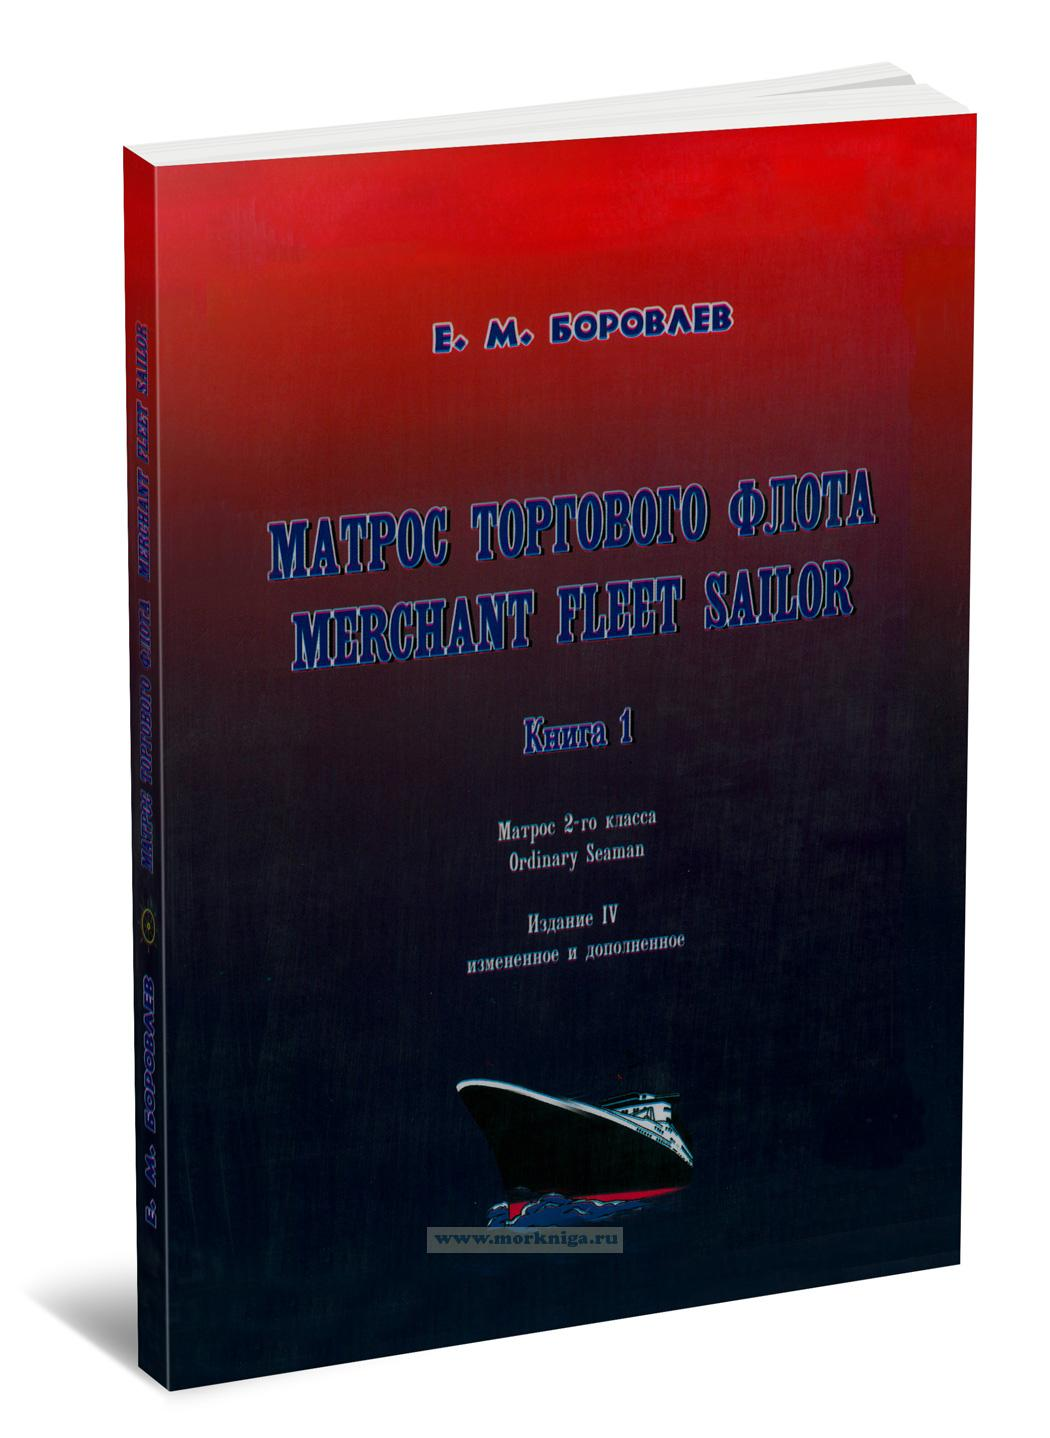 Матрос торгового флота. Merchant fleet sailor. Книга 1. Матрос 2-го класса. Ordinary seaman (издание 4, измененное и дополненное)